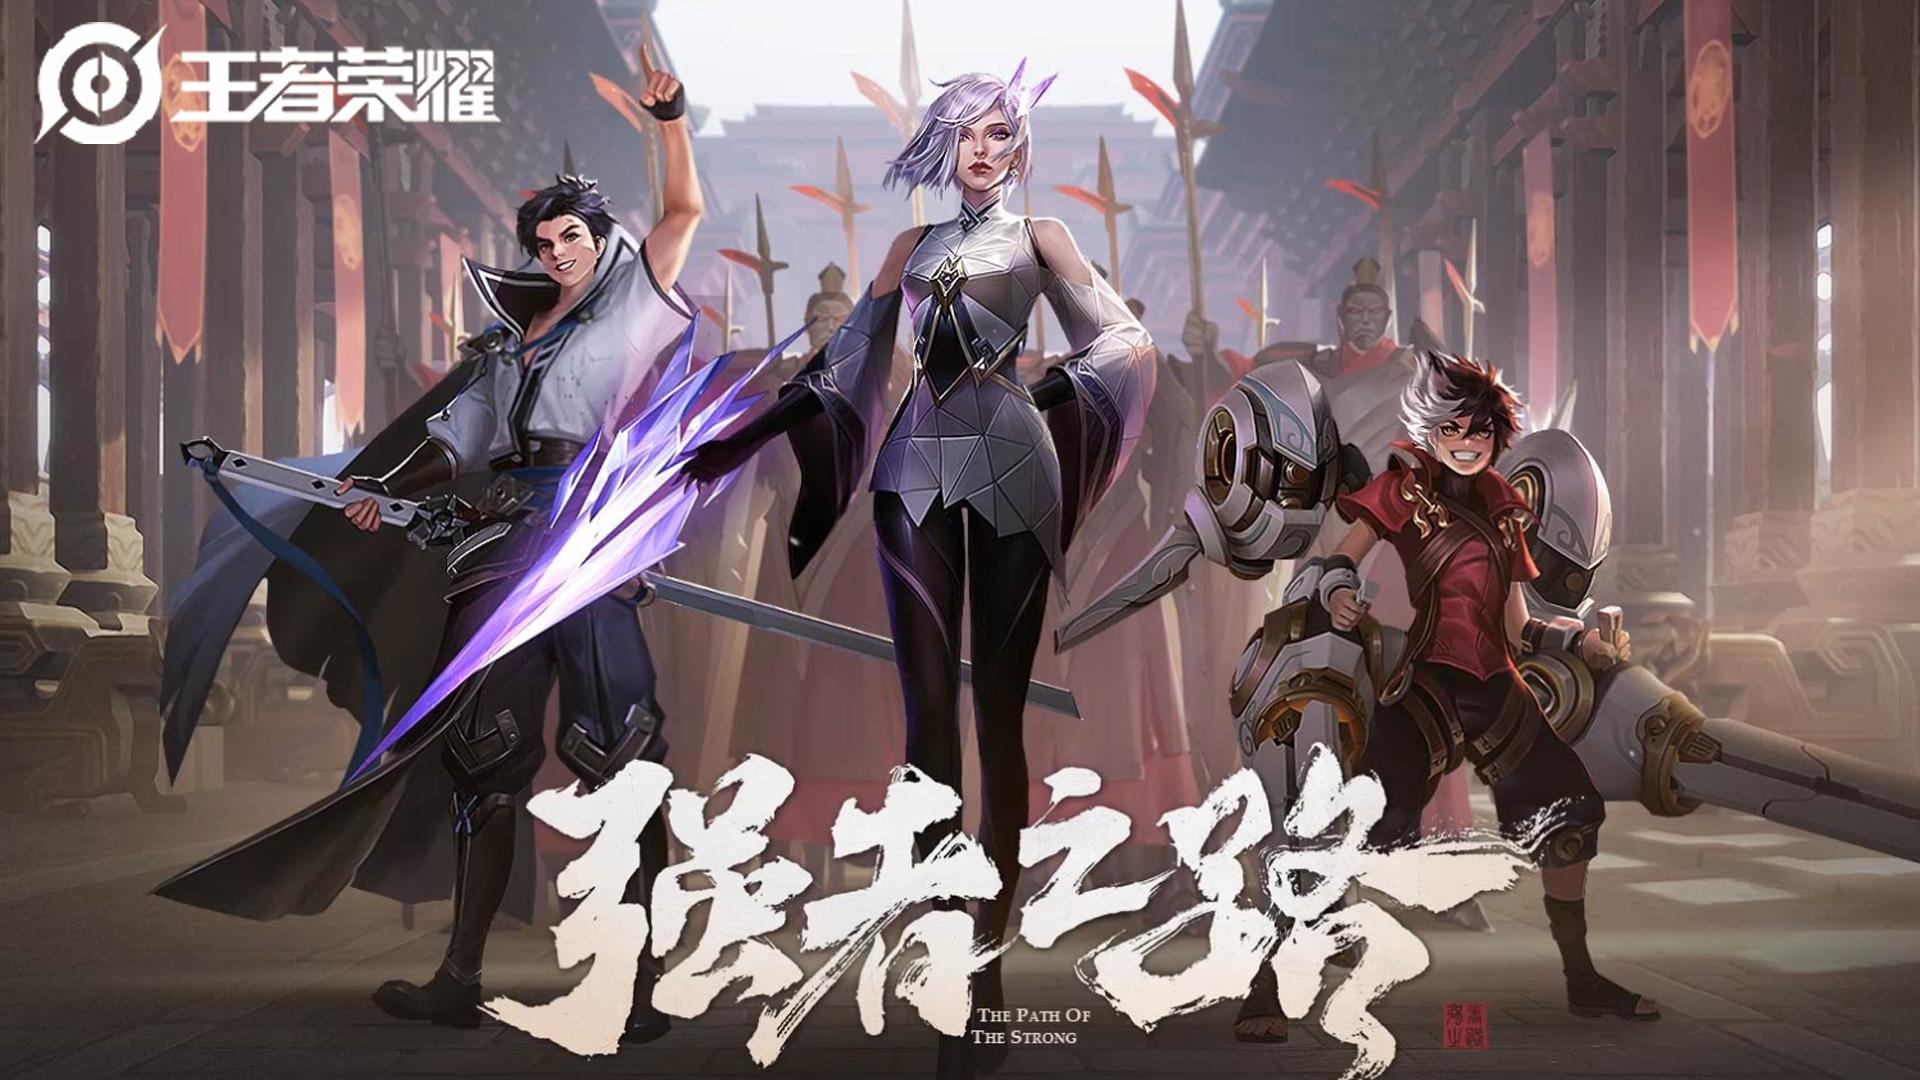 2019穿越 排行榜_2019年热门网游排行榜